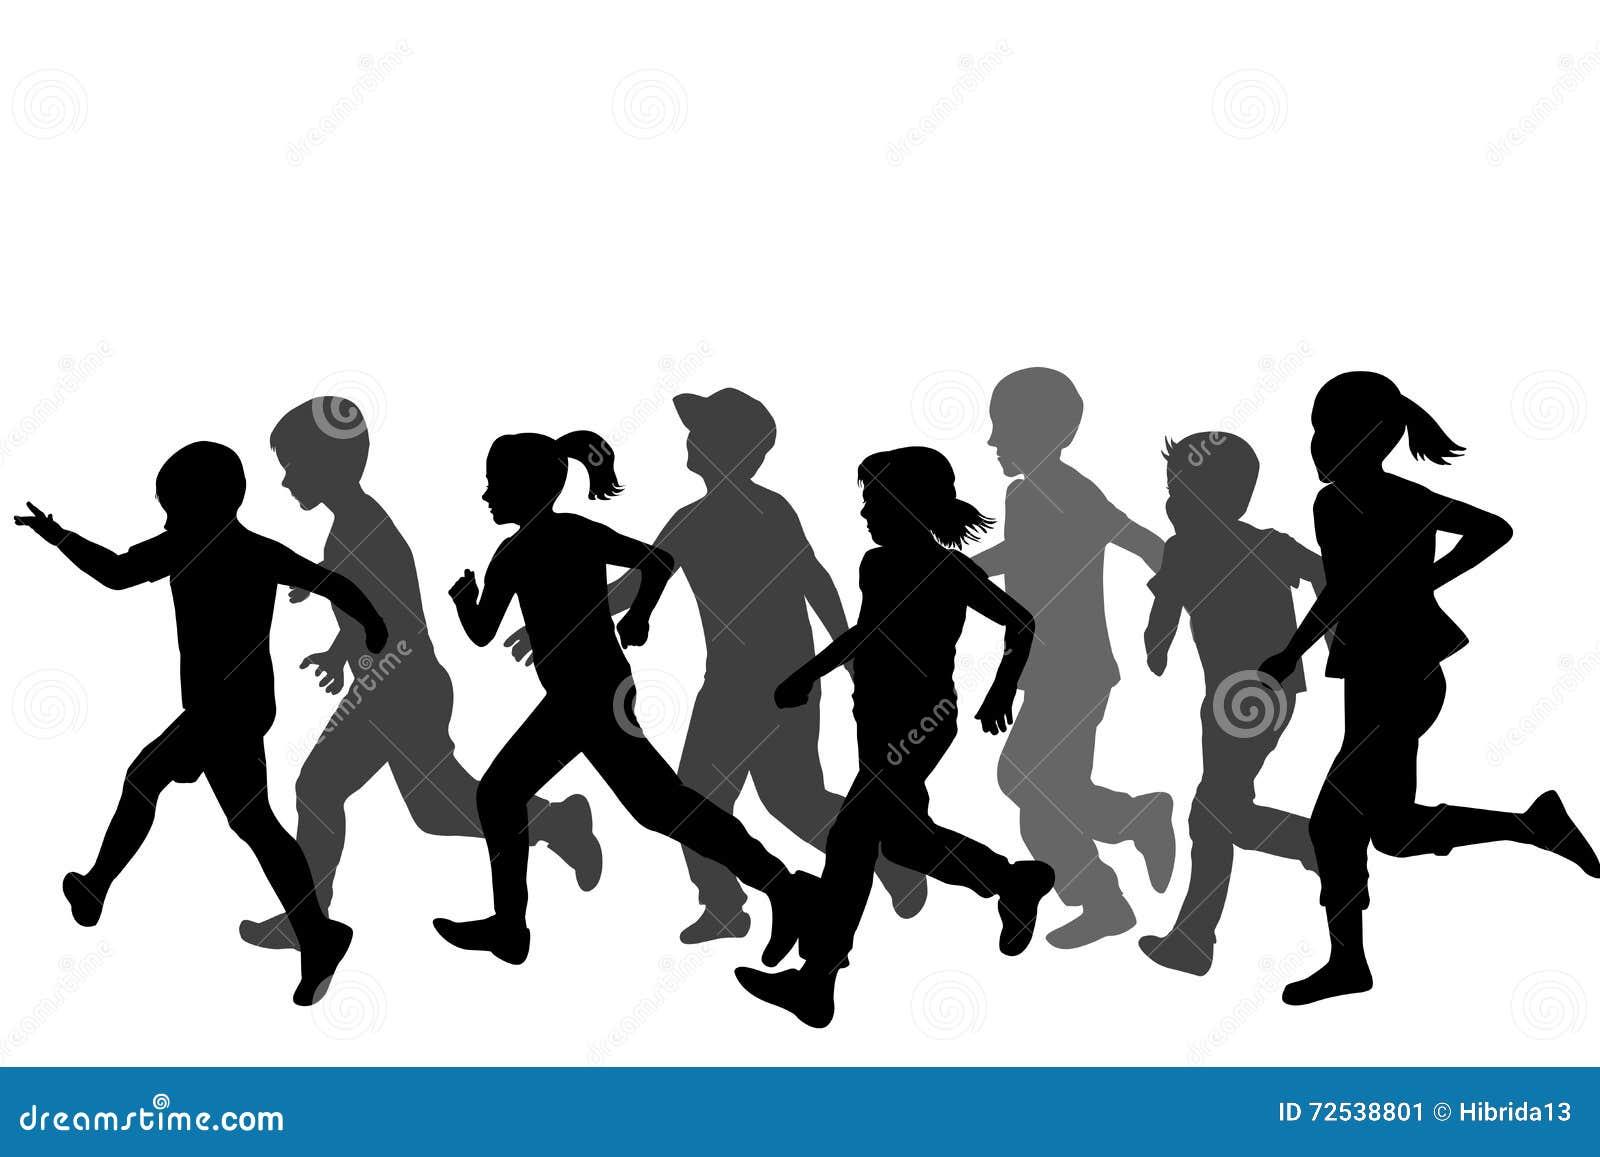 Disegno Di Bambino Che Corre : Correre delle siluette dei bambini illustrazione vettoriale